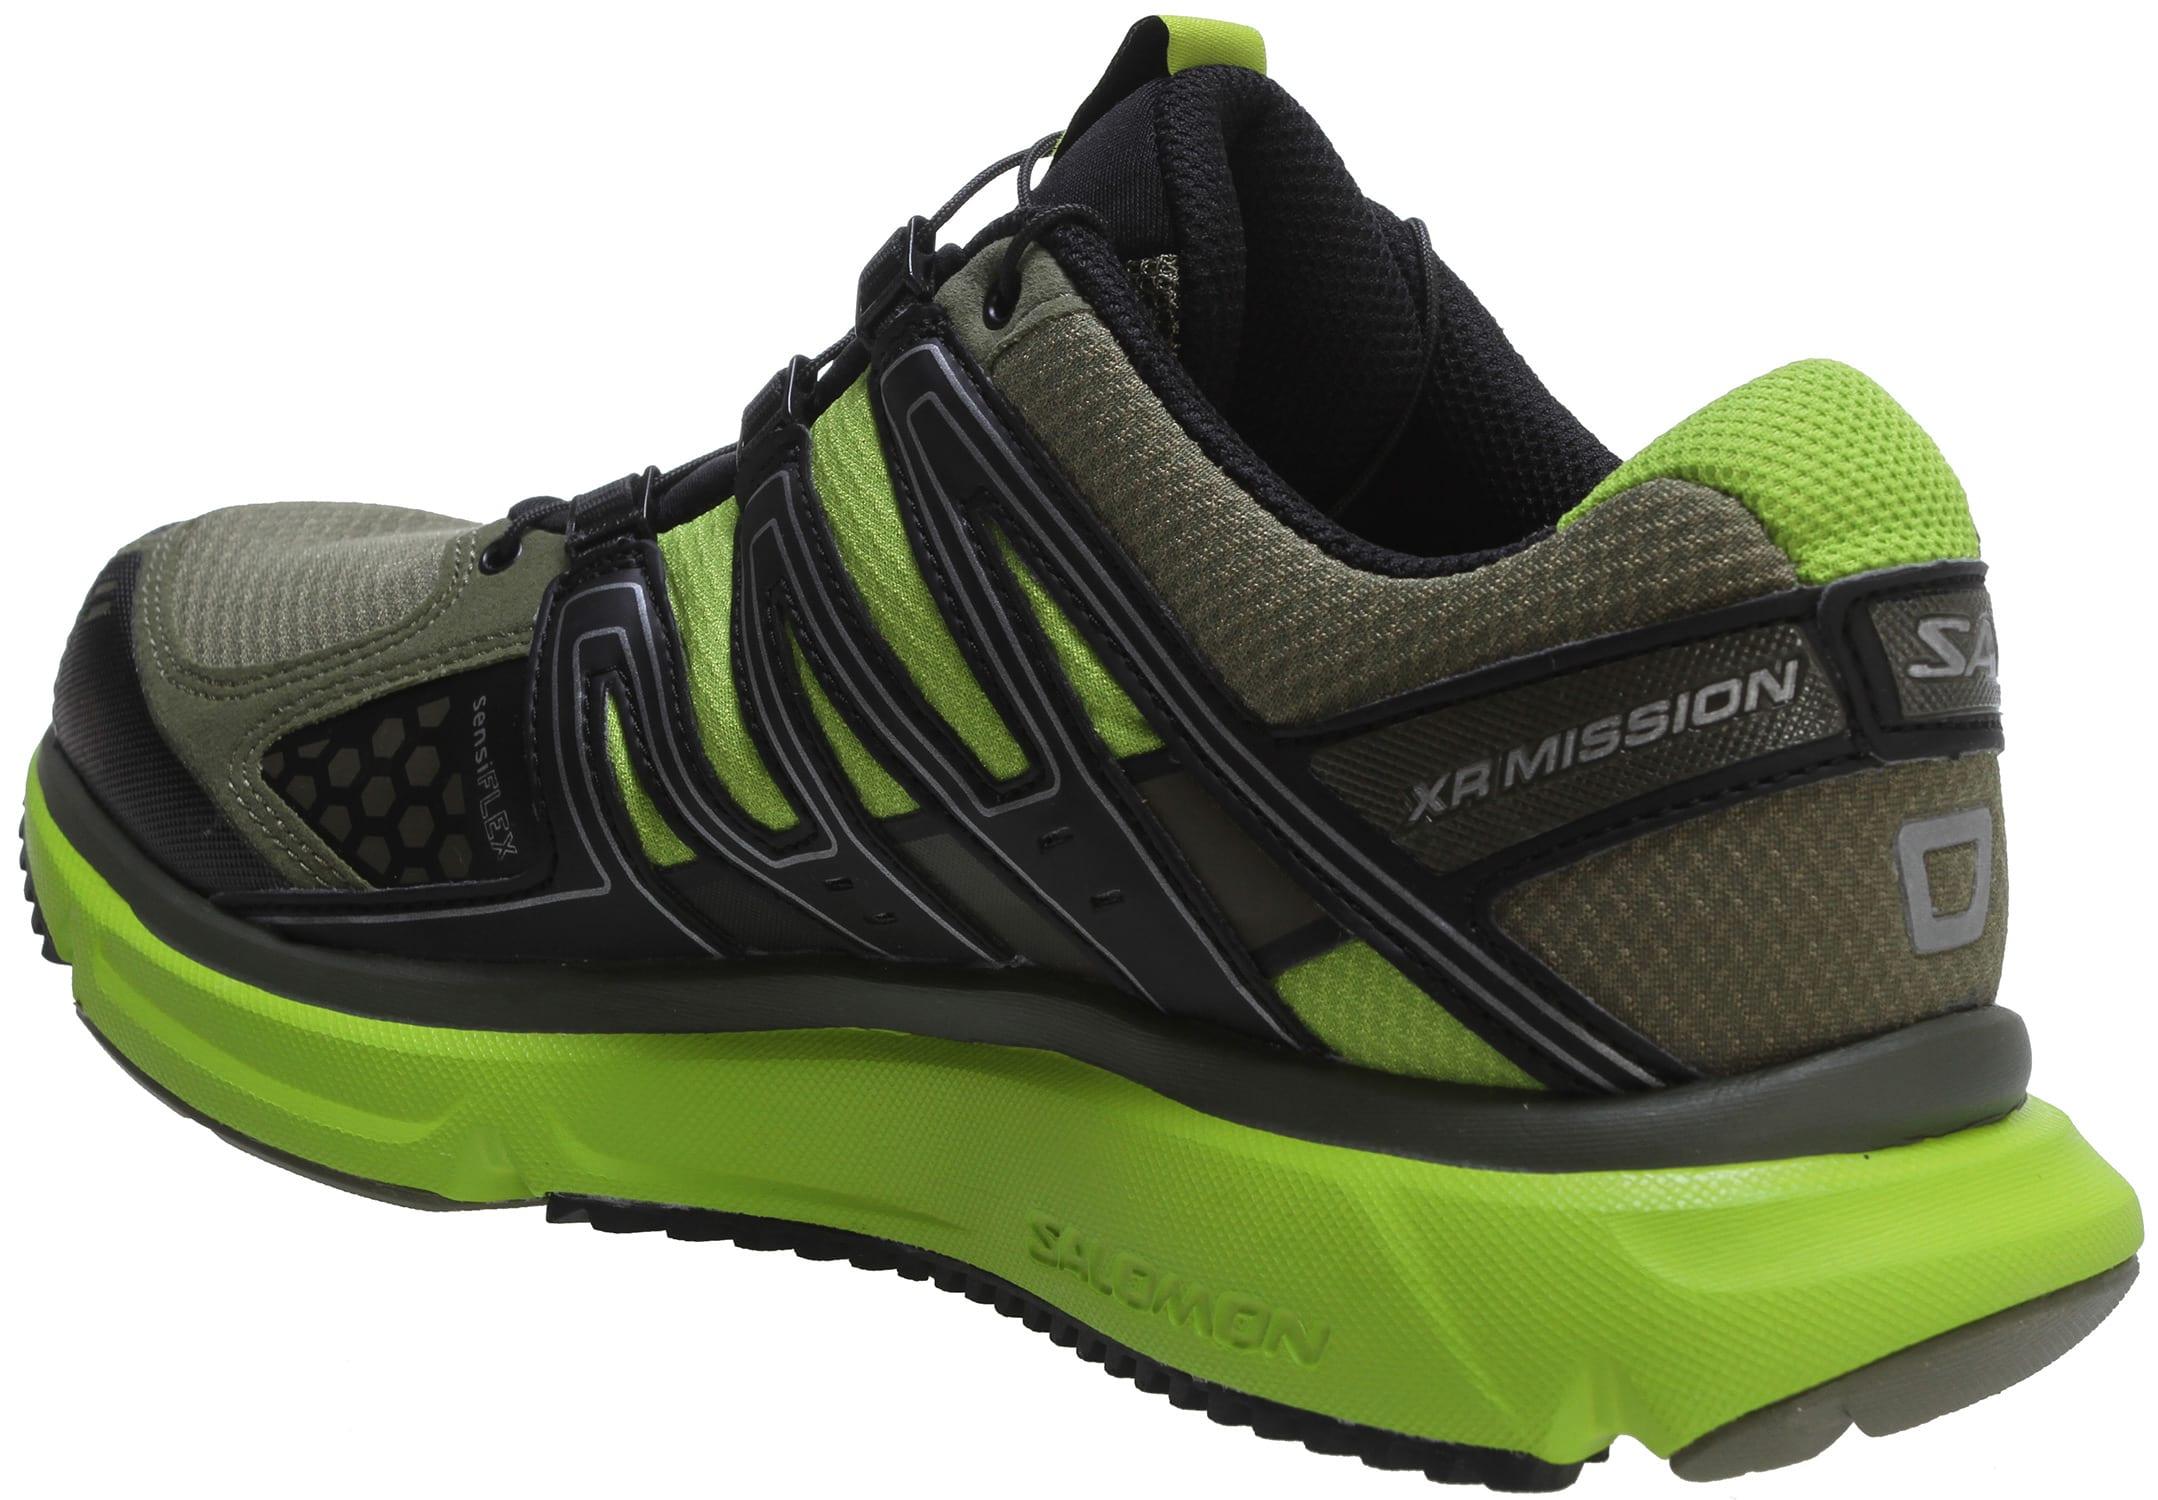 Sports Chalet Shoes Sale